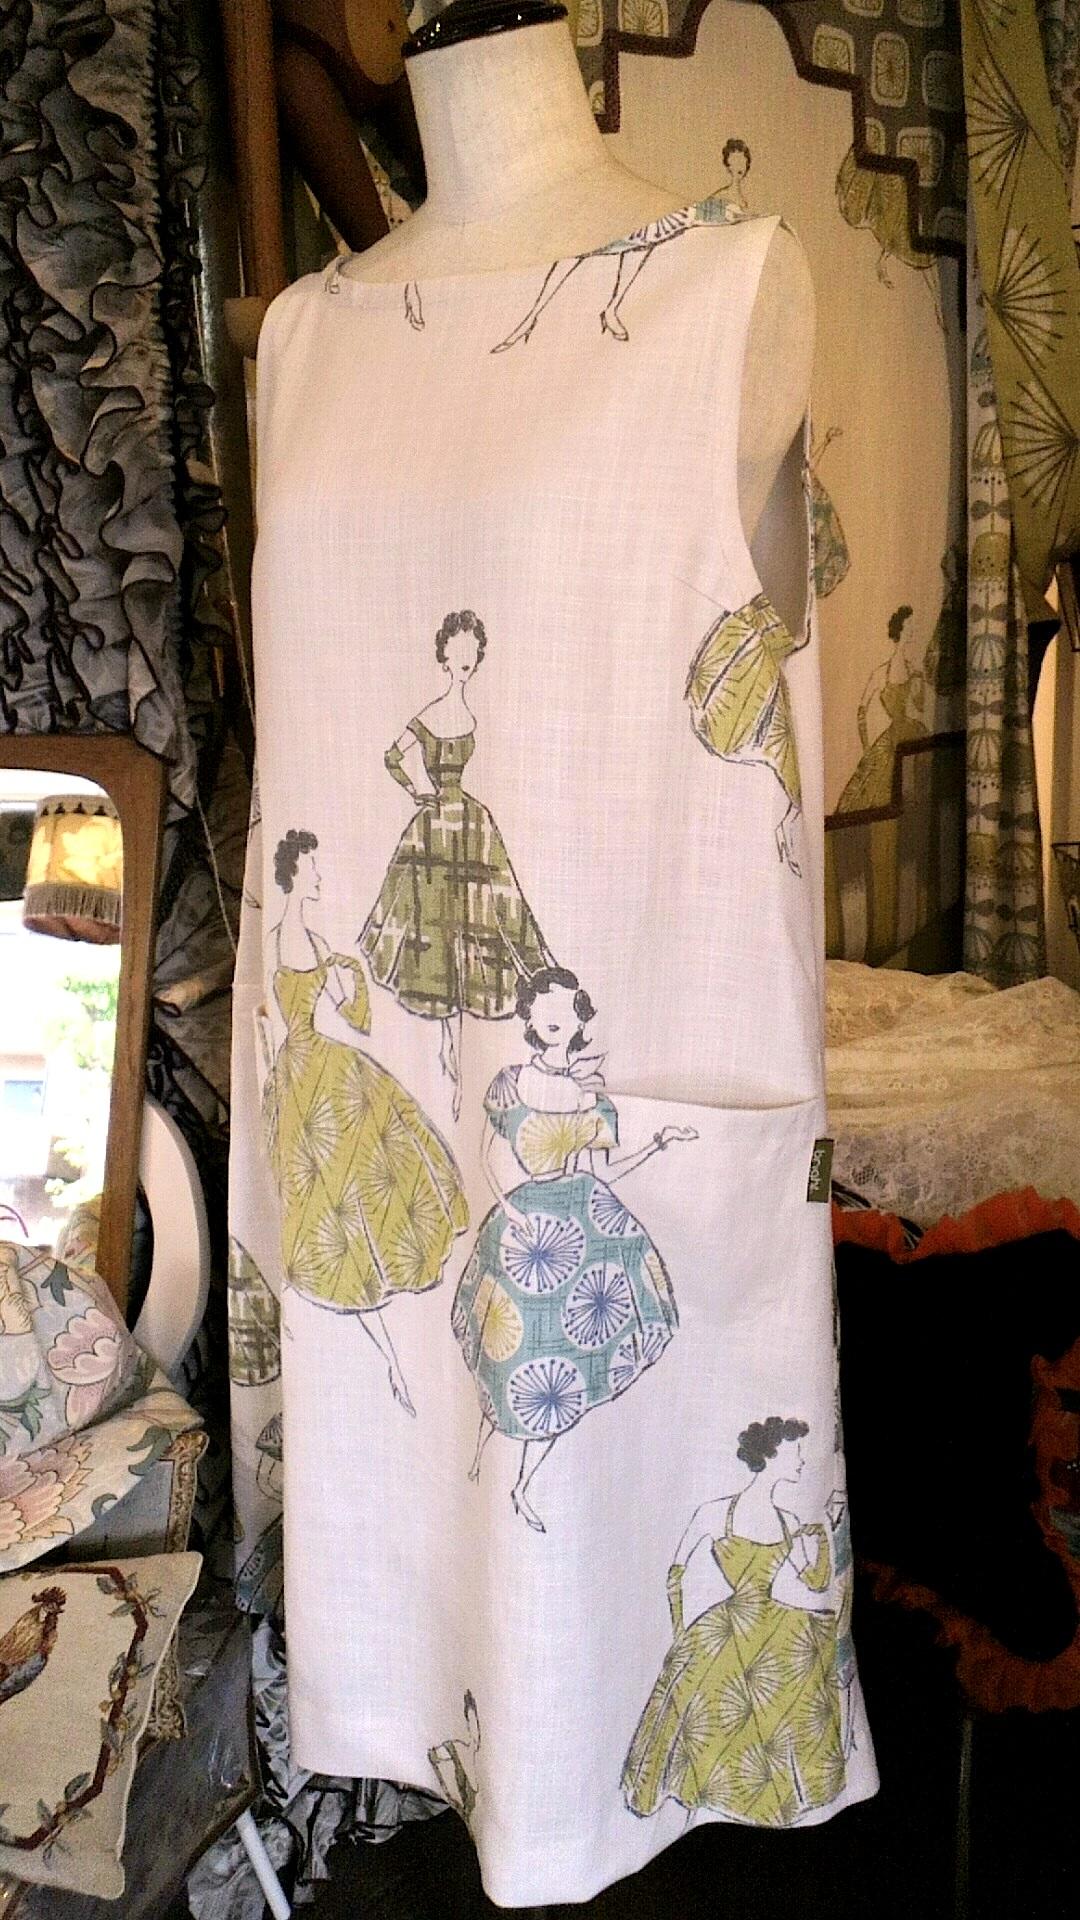 イギリス「Villa  Nova」のカーテン生地で作ったドレス_c0157866_19374738.jpg